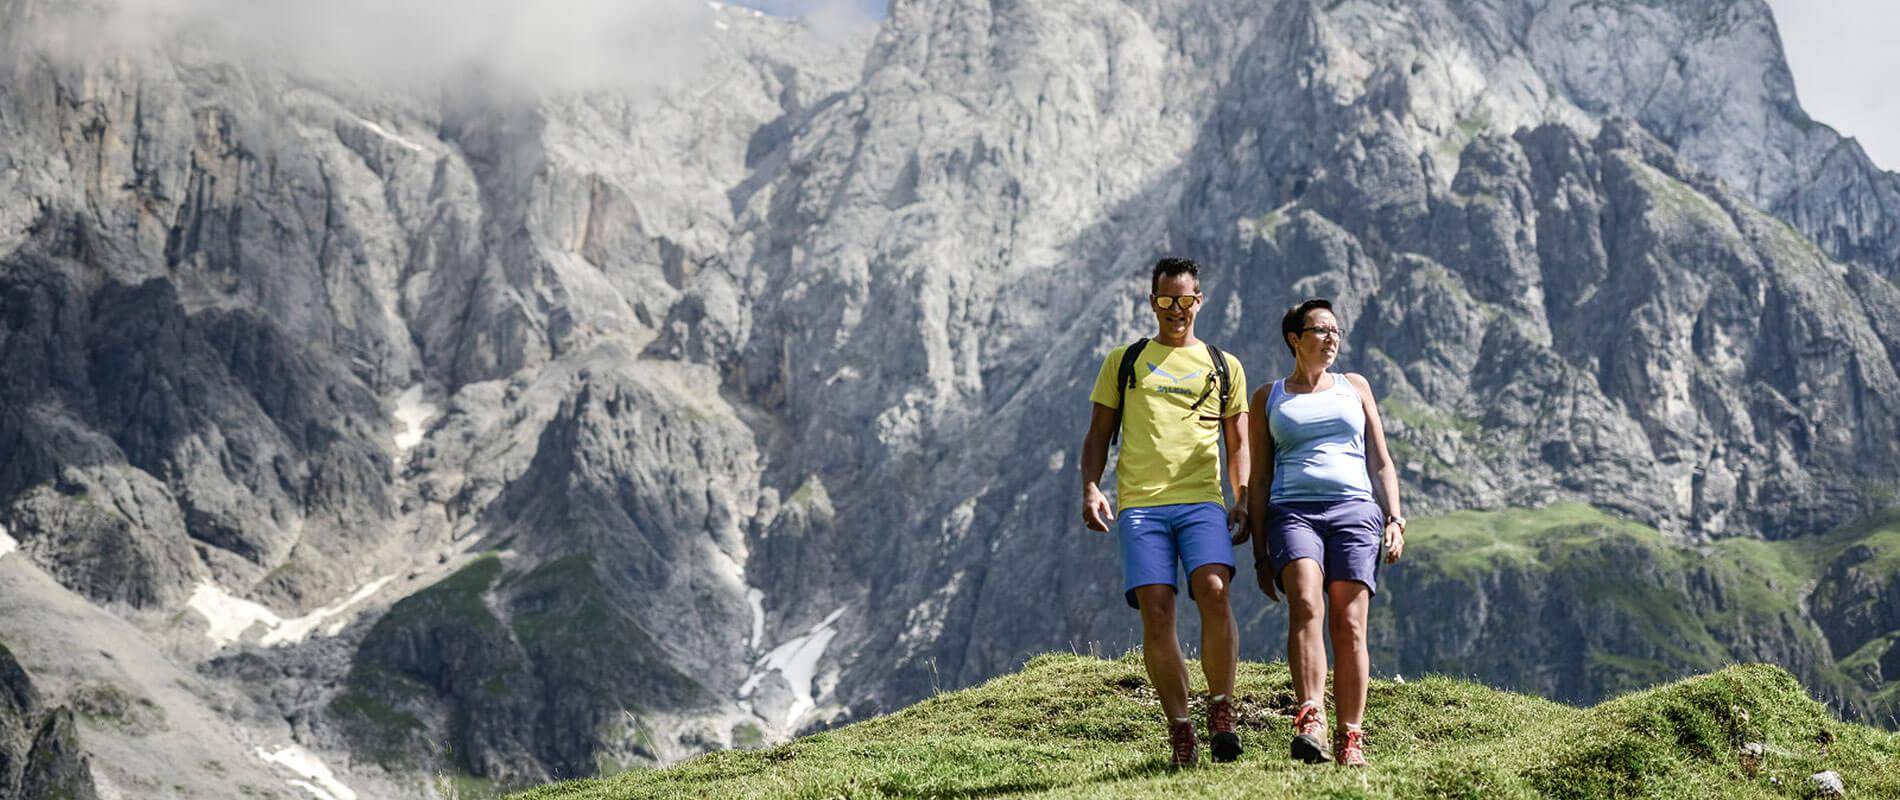 Wanderurlaub In Dienten Am Hochk 246 Nig Salzburger Land